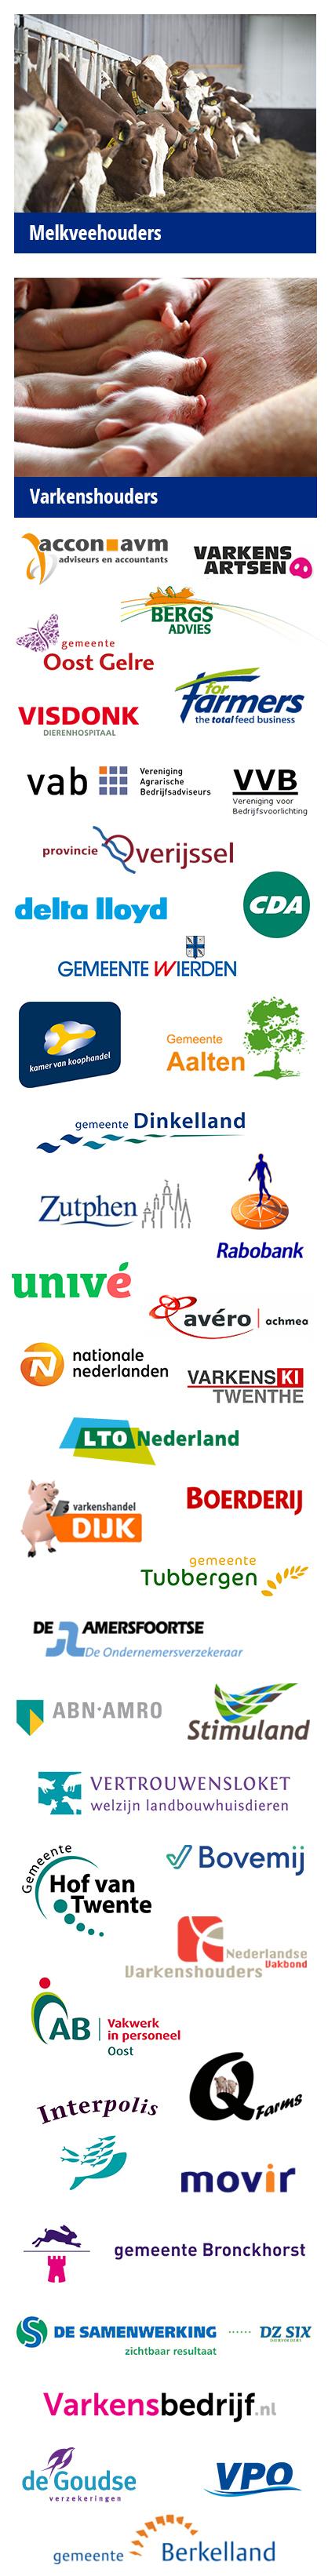 Opdrachtgevers (o.a. boeren, agrariers, ondernemers, banken, verzekeraars, gemeenten en agrarische bedrijven uit heel Nederland) van Hogenkamp Agrarische Coaching